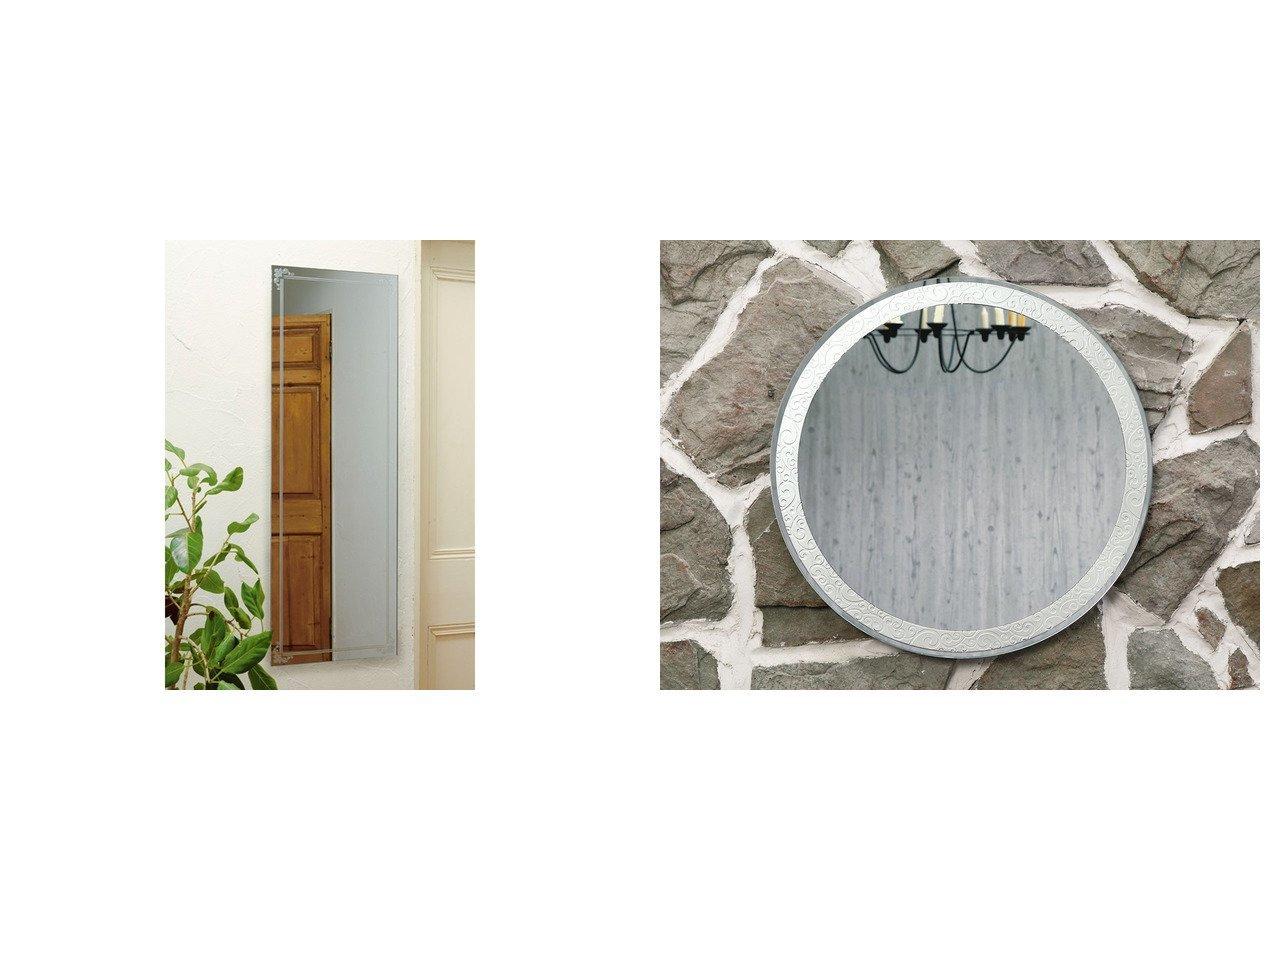 【FLYMEe Blanc/フライミー ブラン】のウォールミラー m77233&ウォールミラー m7772 【FURNITURE】おすすめ!人気、インテリア雑貨・家具の通販 おすすめで人気の流行・トレンド、ファッションの通販商品 インテリア・家具・メンズファッション・キッズファッション・レディースファッション・服の通販 founy(ファニー) https://founy.com/ 送料無料 Free Shipping スタンド モチーフ ホーム・キャンプ・アウトドア Home,Garden,Outdoor,Camping Gear 家具・インテリア Furniture ミラー・ドレッサー Mirror ミラー・鏡 ホーム・キャンプ・アウトドア Home,Garden,Outdoor,Camping Gear 家具・インテリア Furniture ミラー・ドレッサー Mirror ドレッサー  ID:crp329100000055482